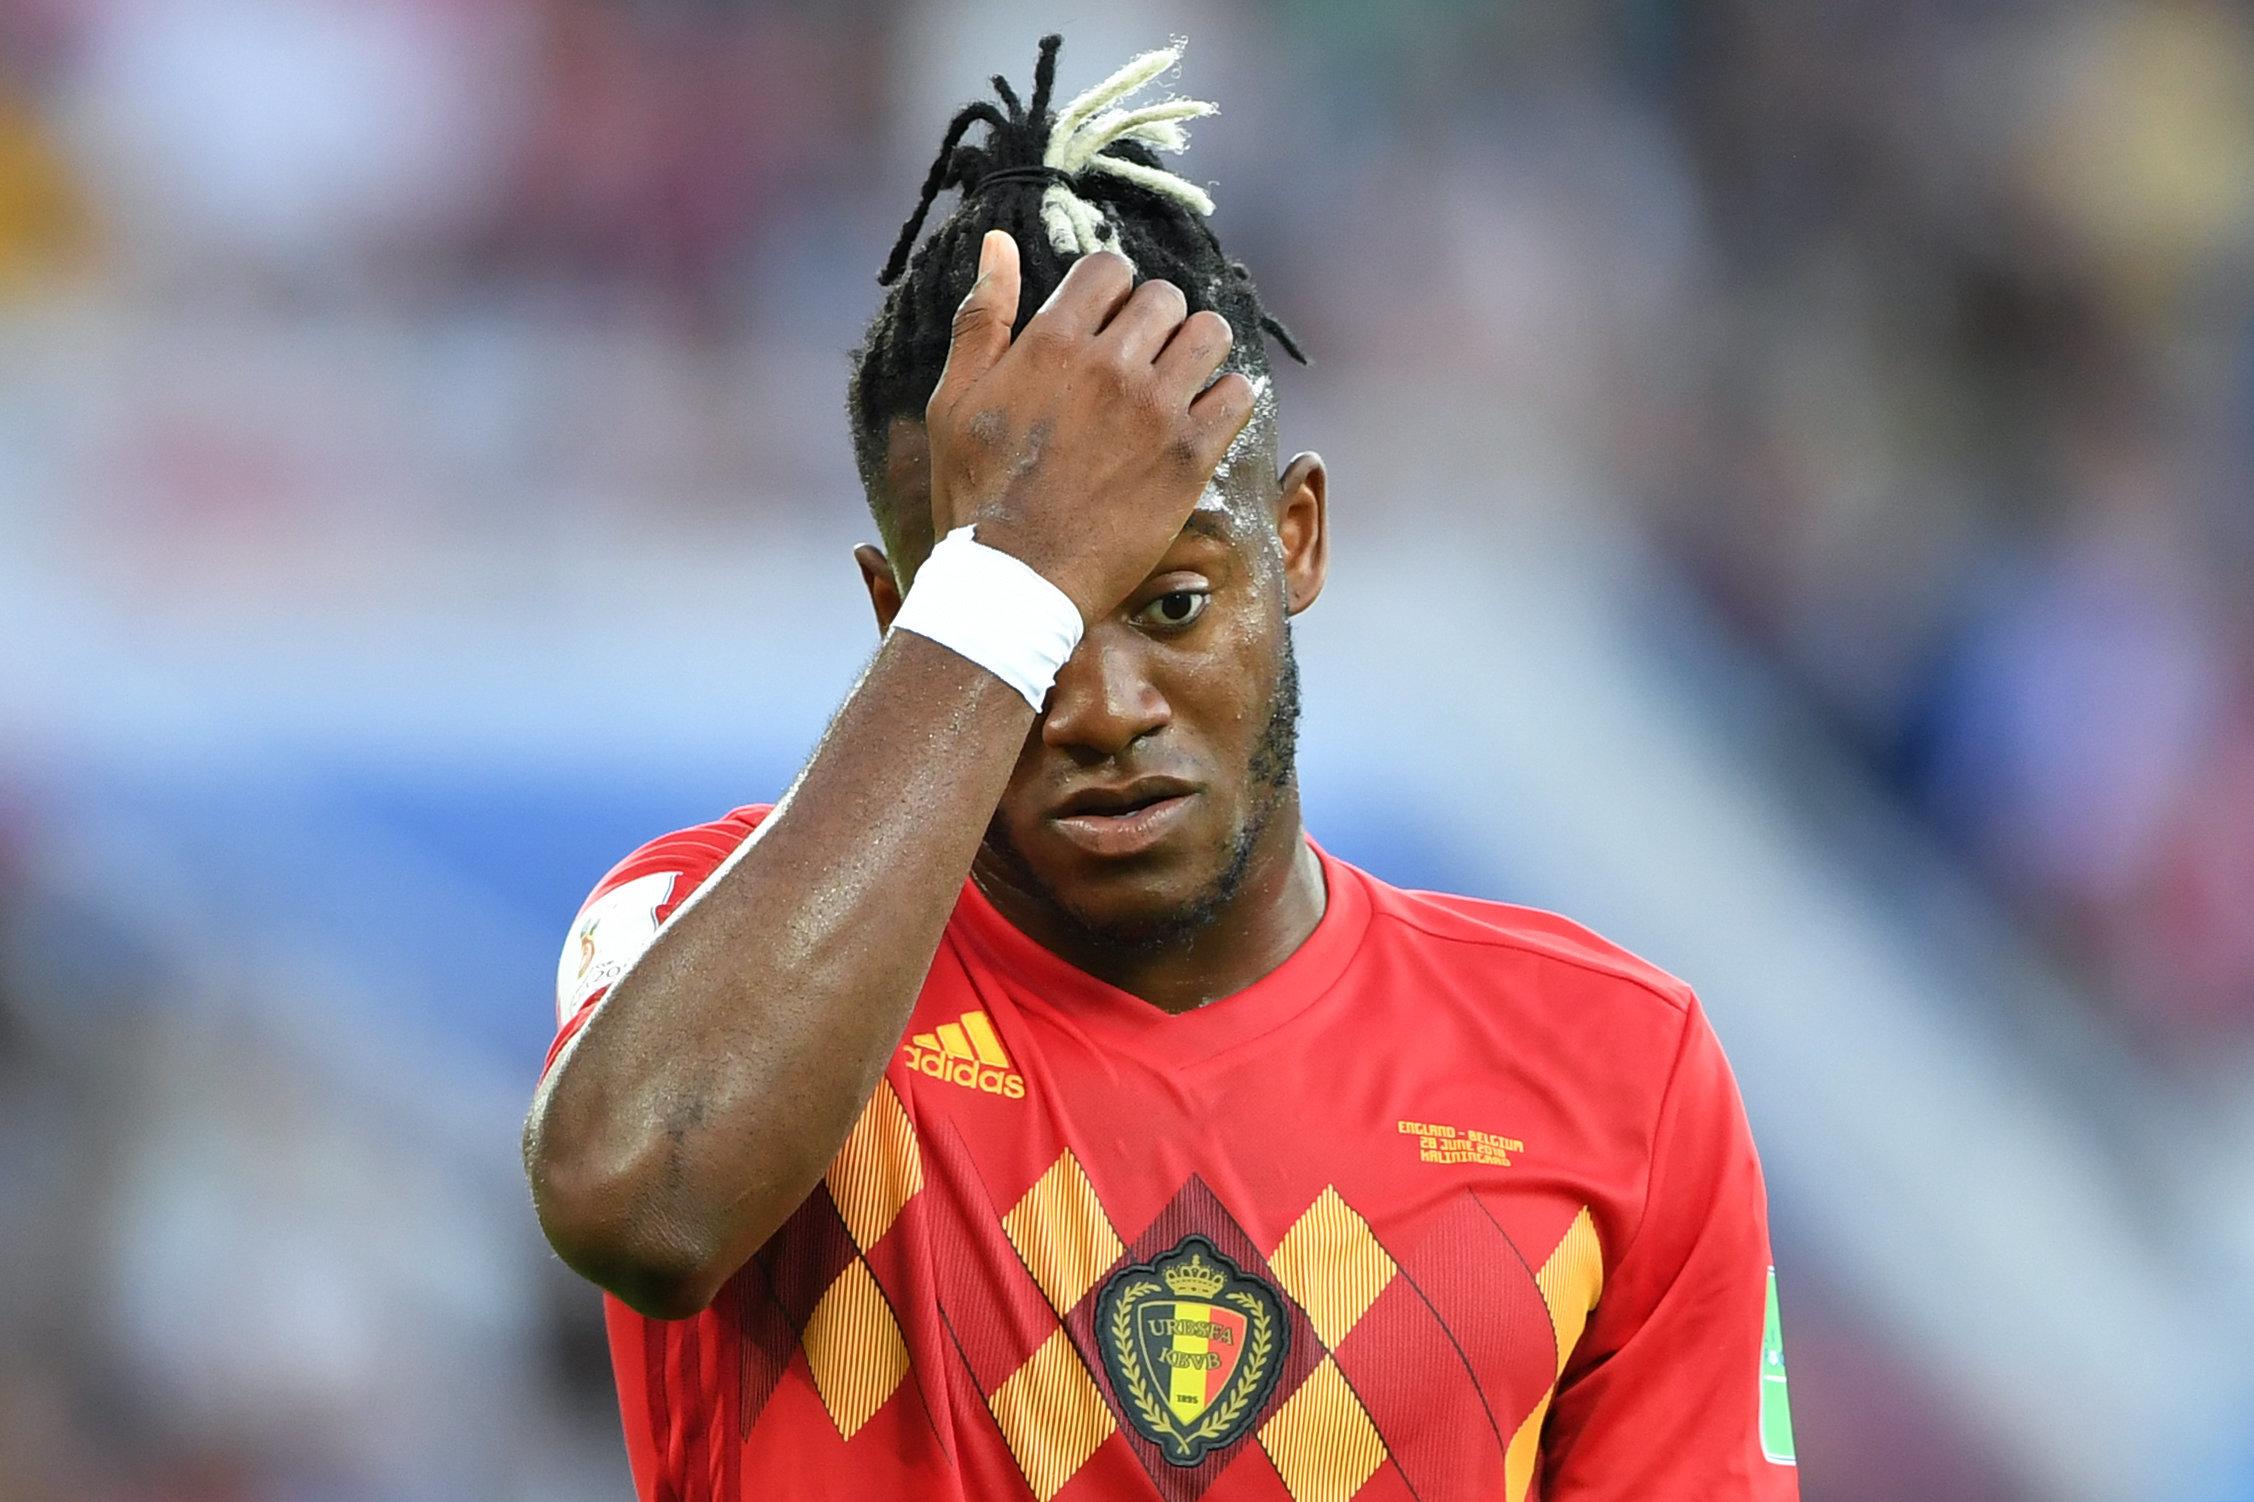 벨기에-잉글랜드 경기서 역대급 '몸개그' 장면이 나왔다